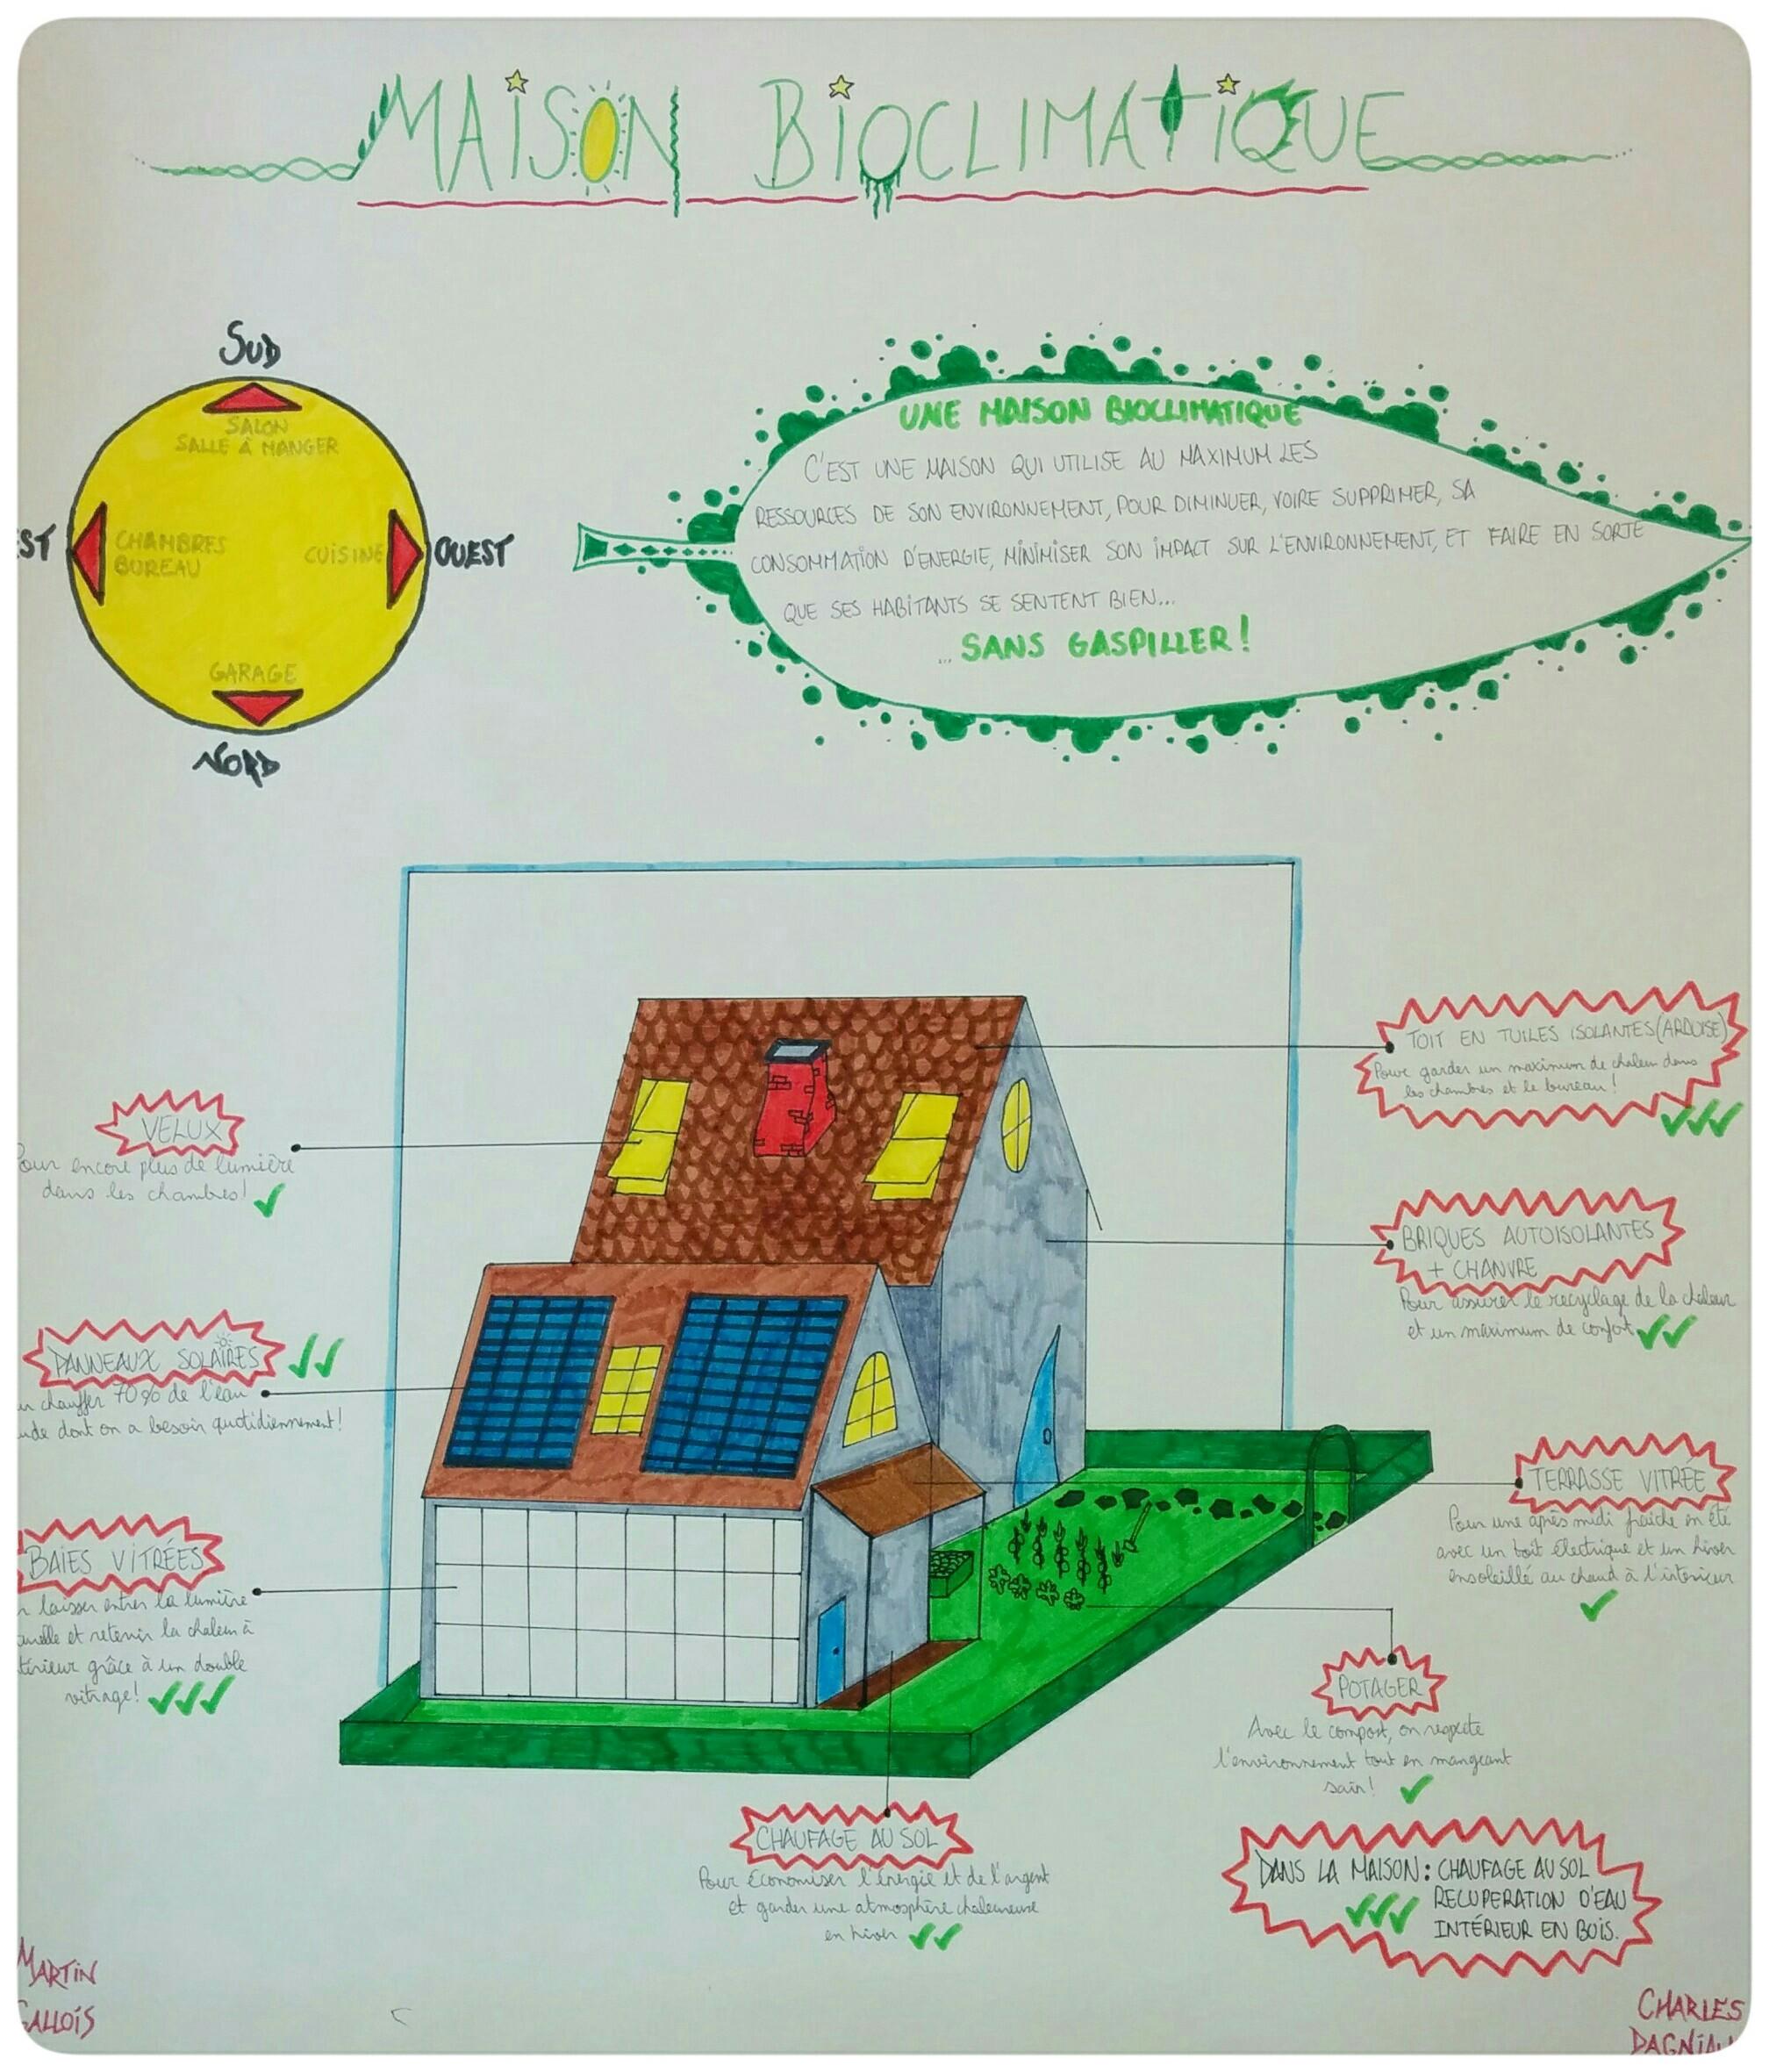 maison bioclimatique d finition images